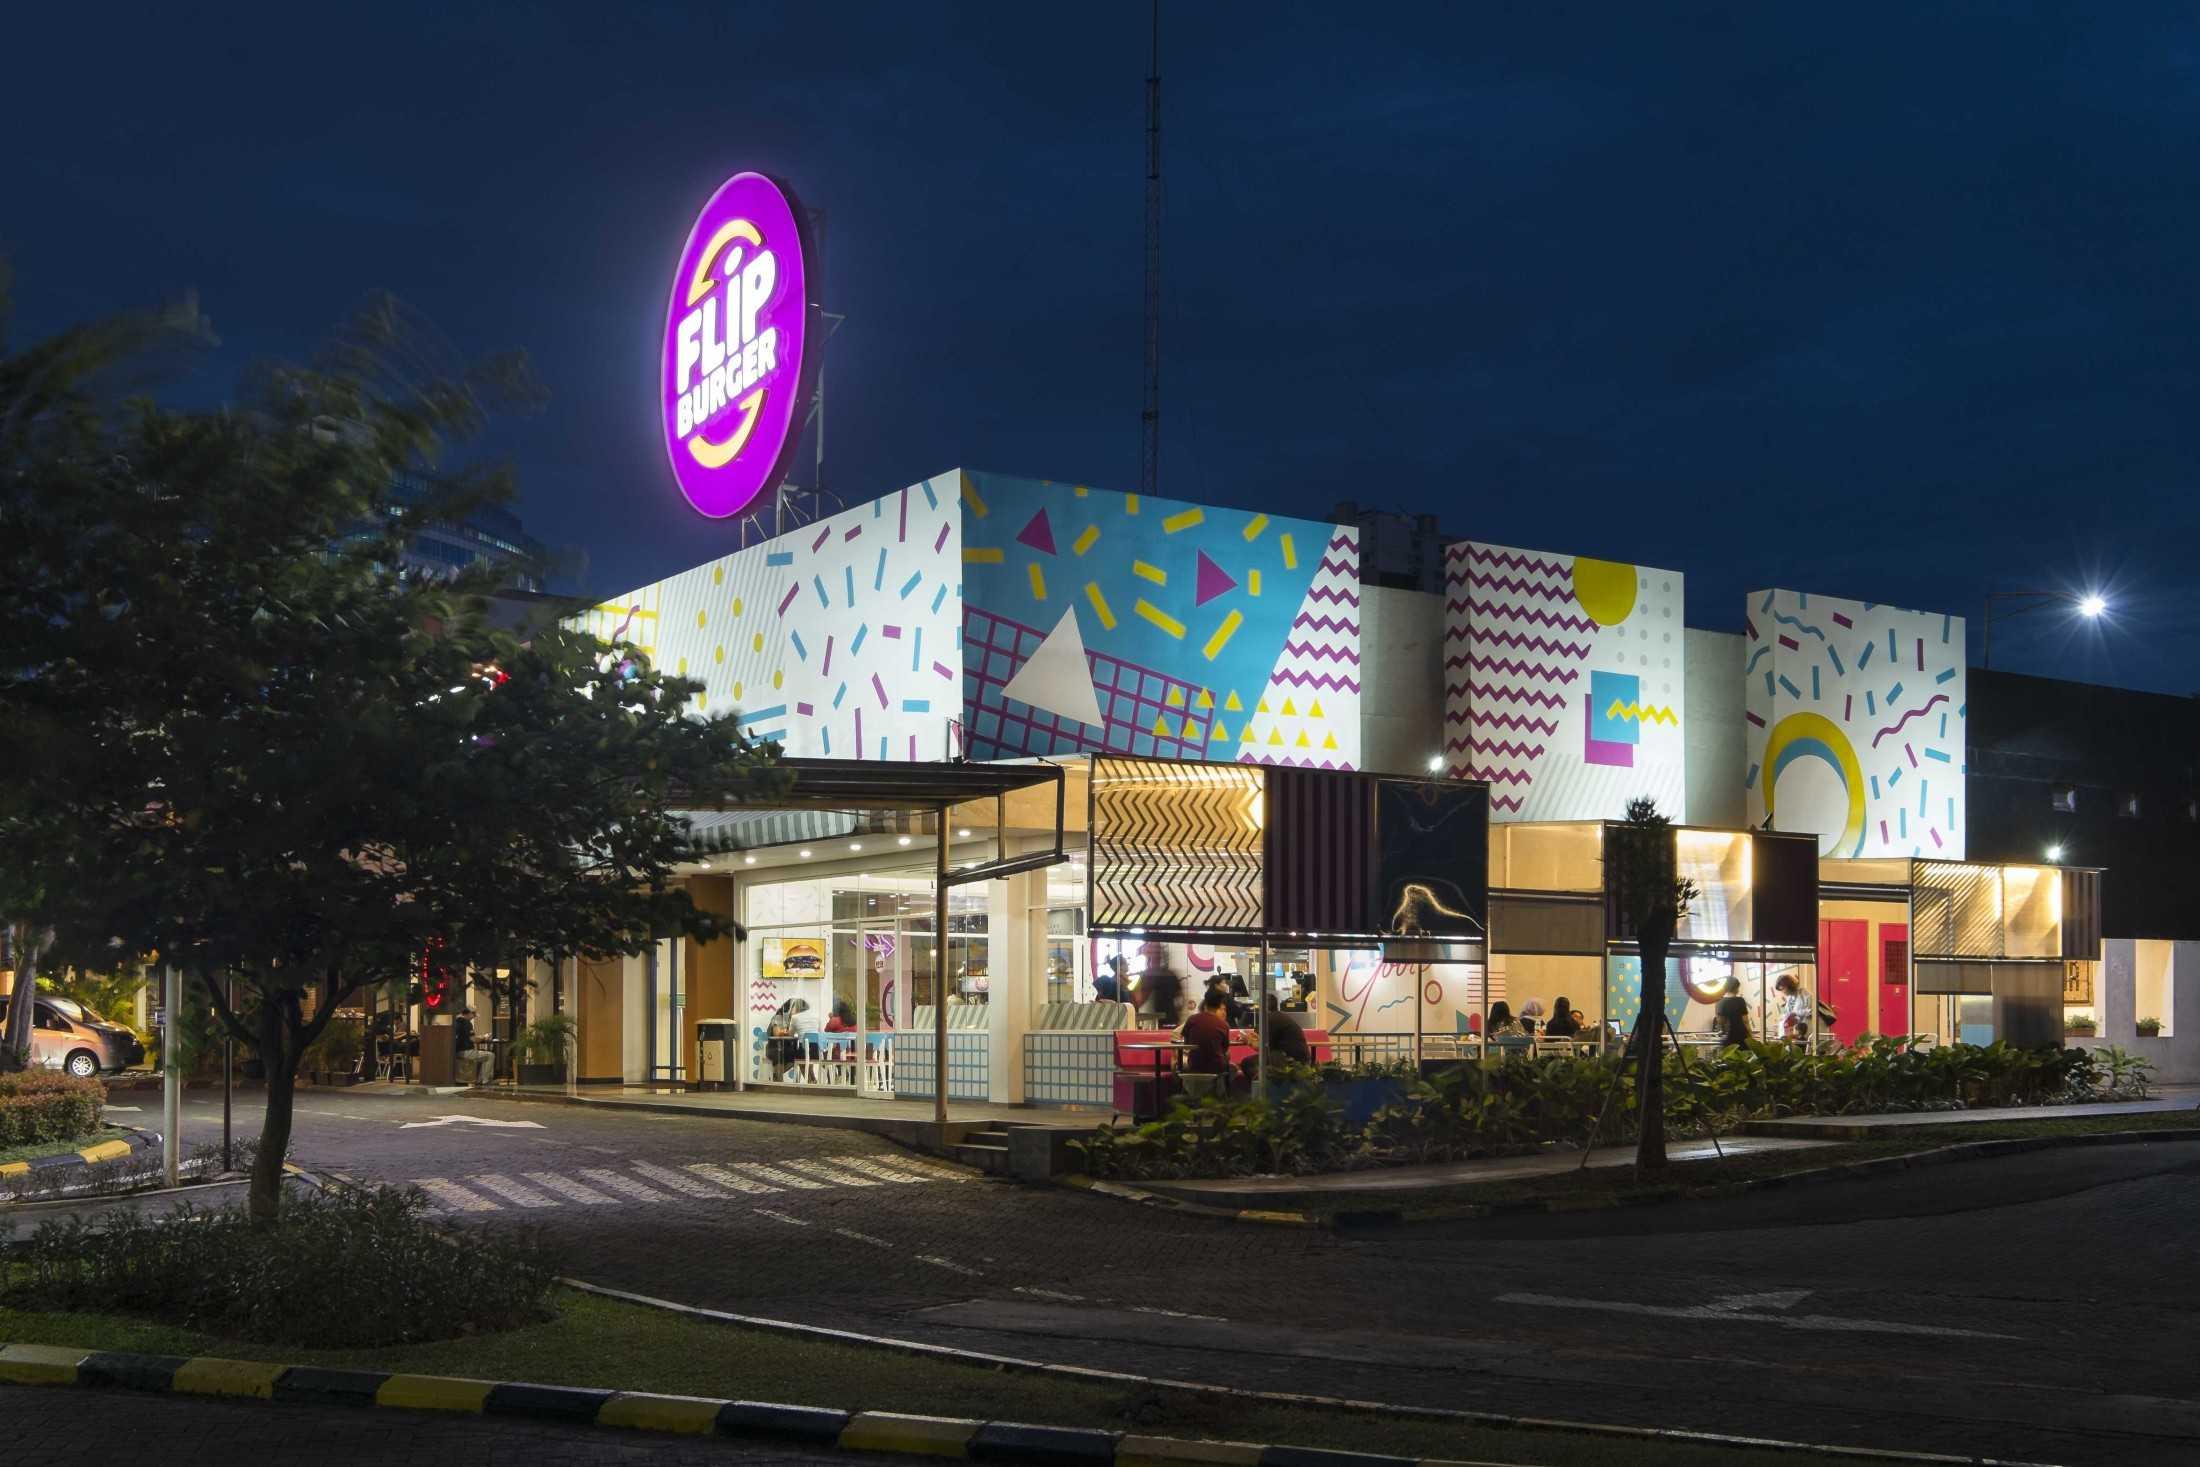 Desain Restoran Fast Food yang Satu Ini Sangat Instagrammable! | Foto artikel Arsitag